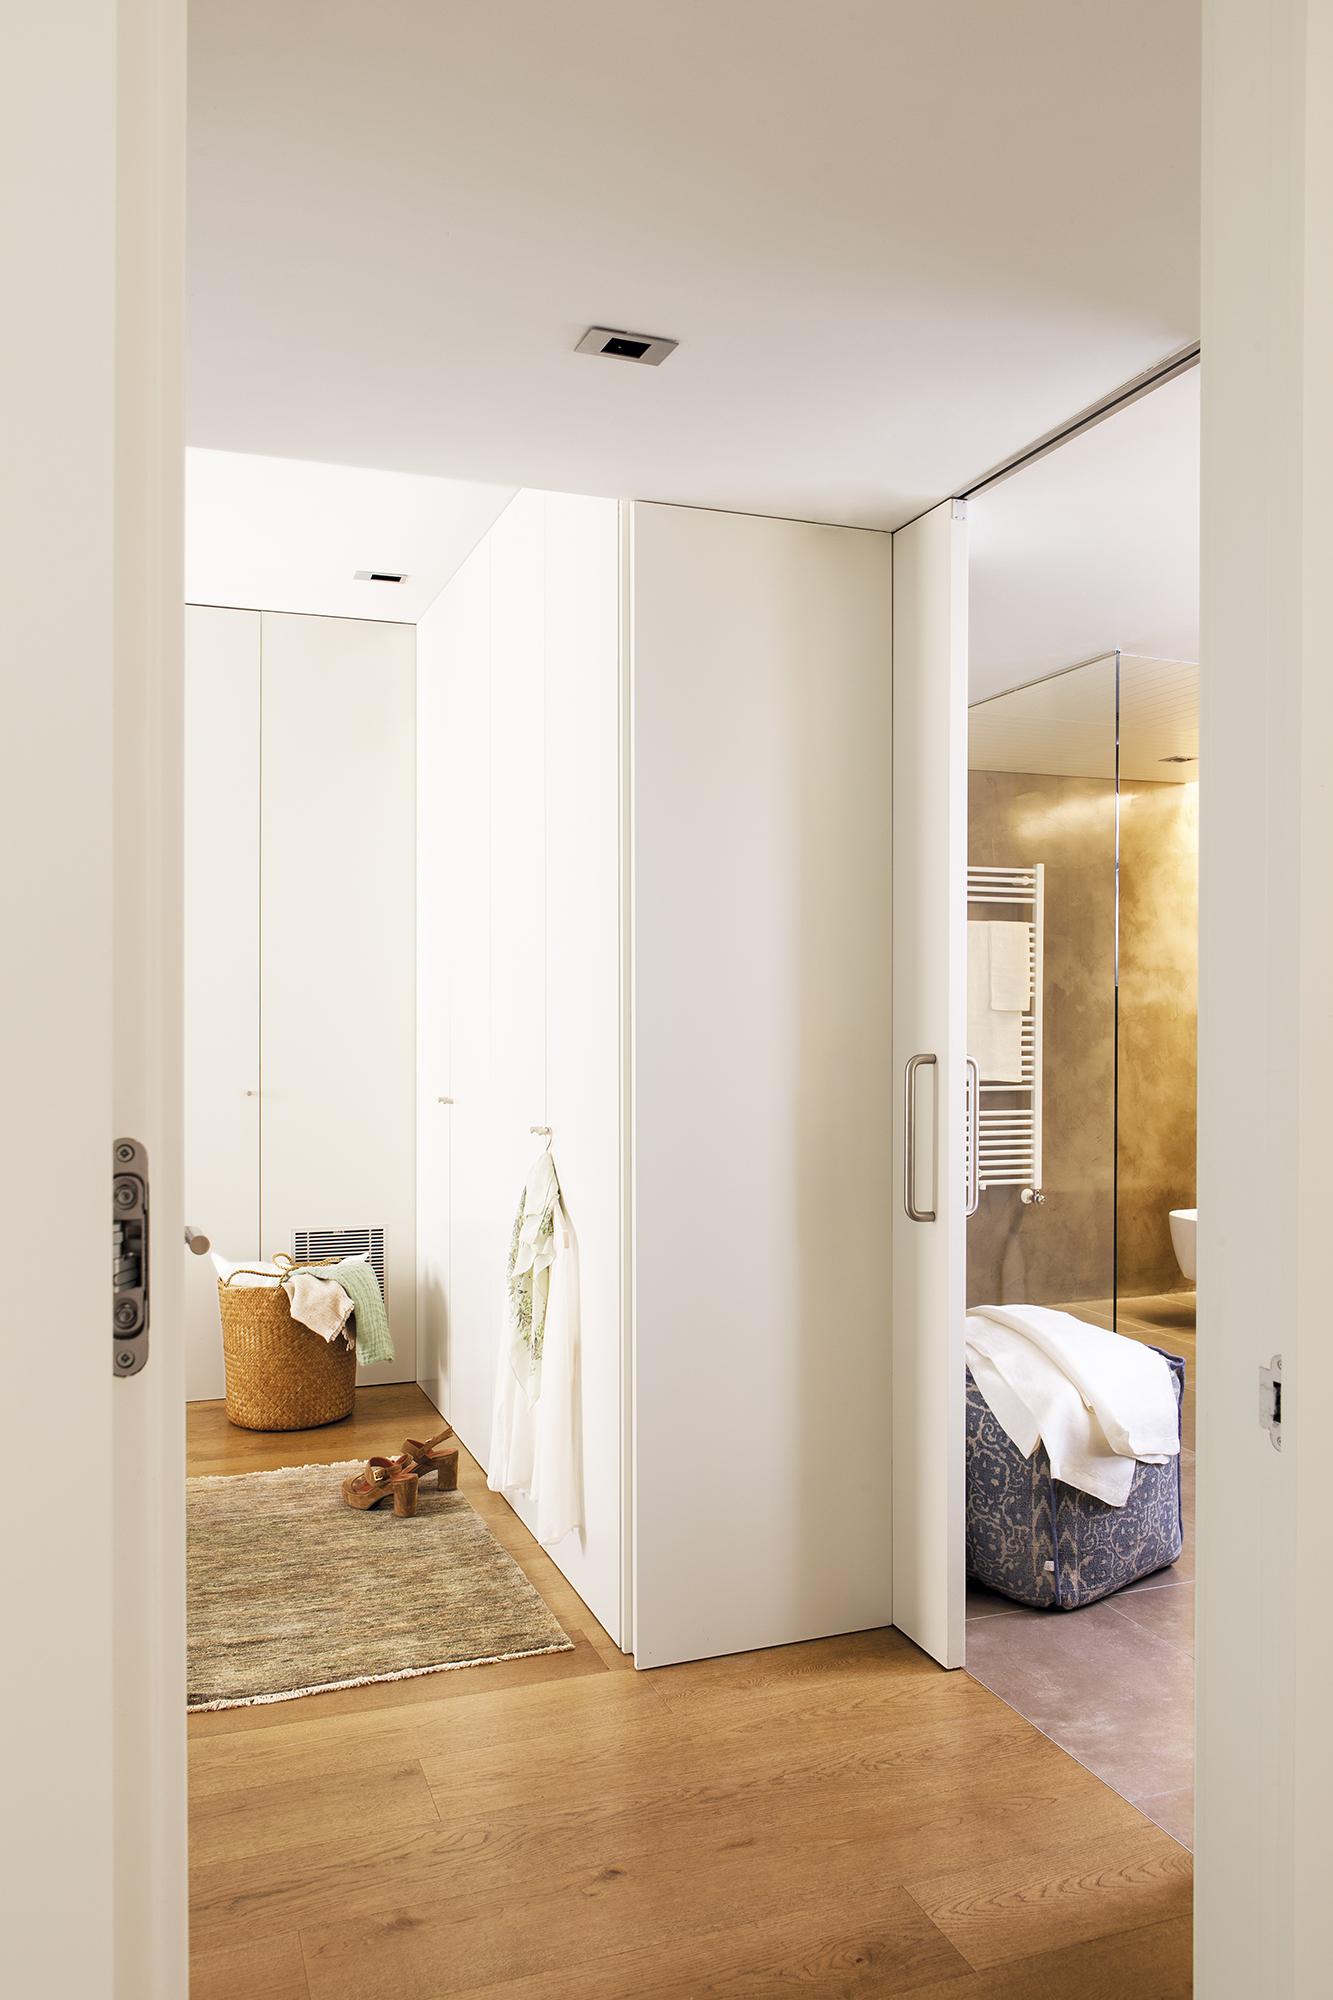 Armarios roperos armarios de cocina y armarios de ba o el mueble - Puertas correderas banos ...